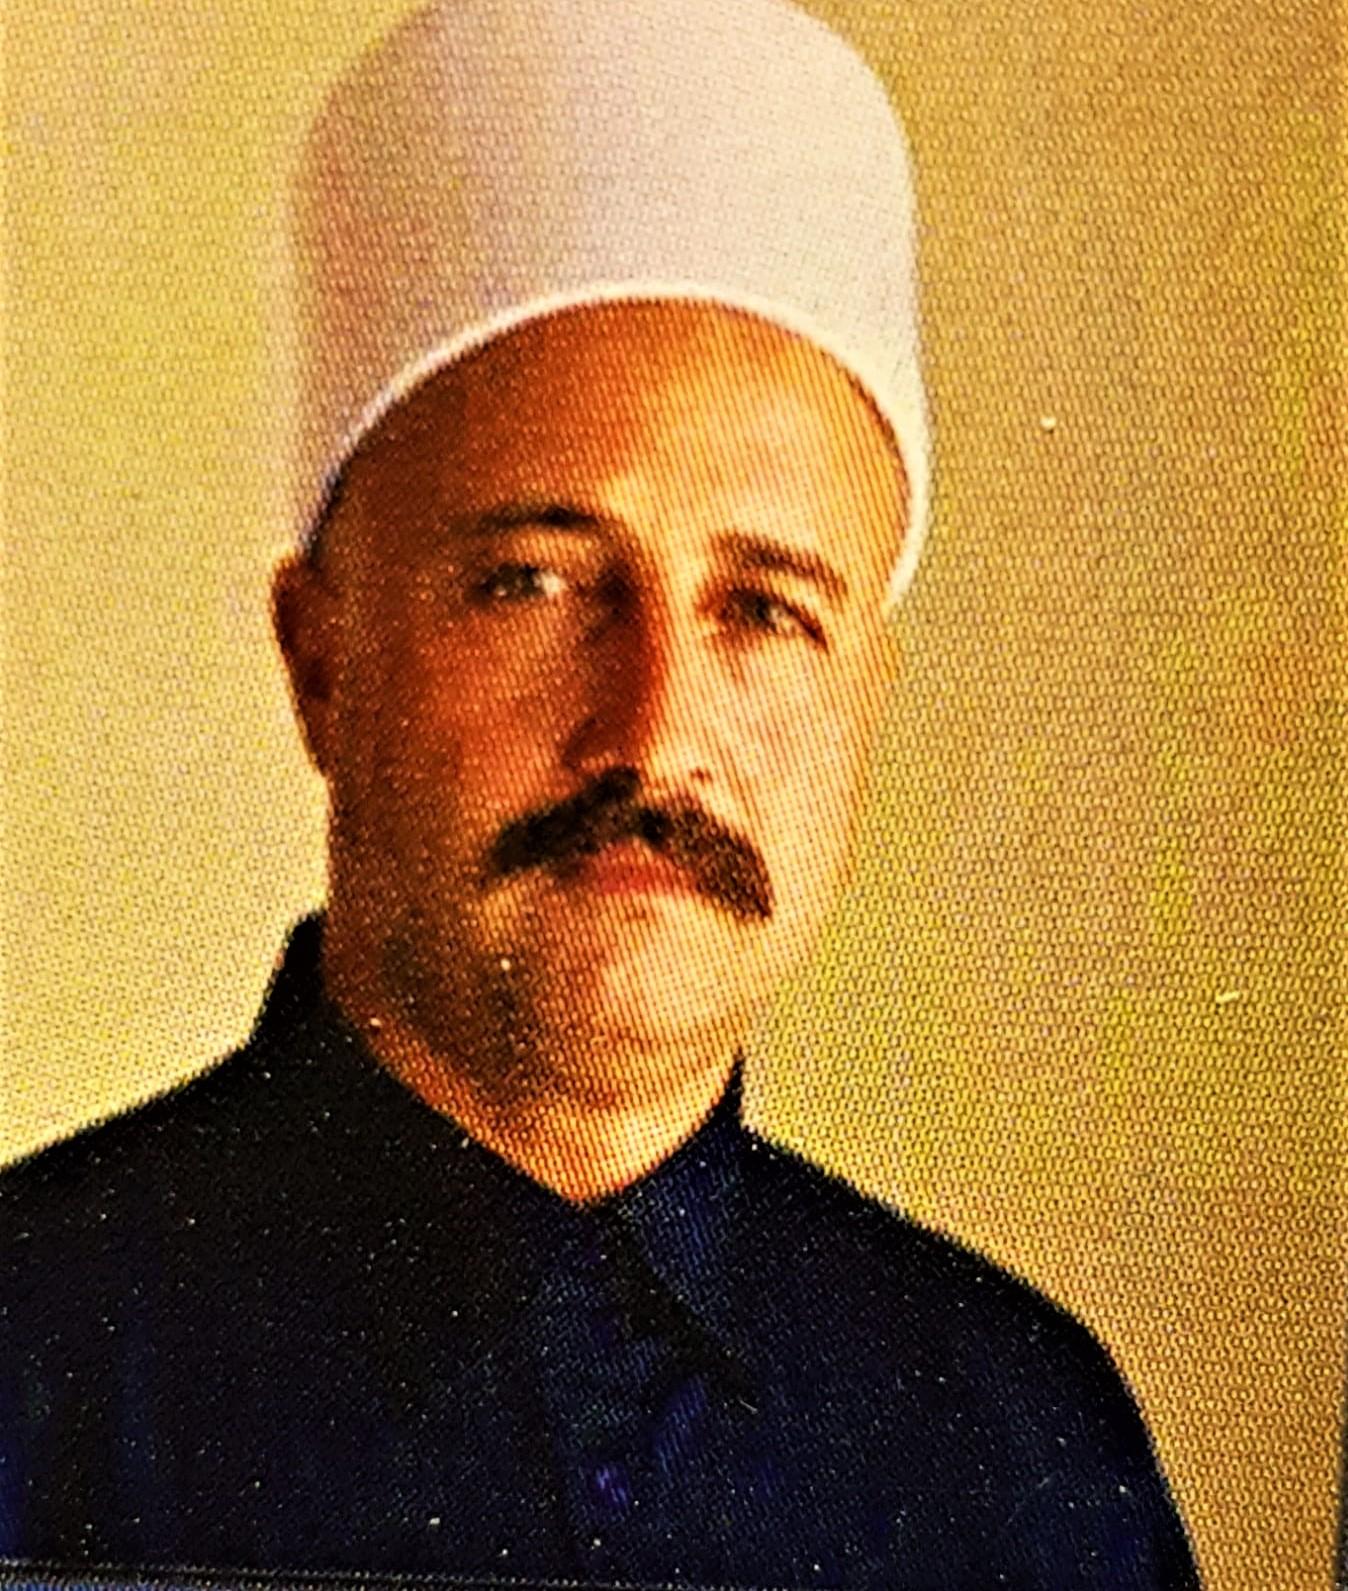 Sheikh Kasm Badr